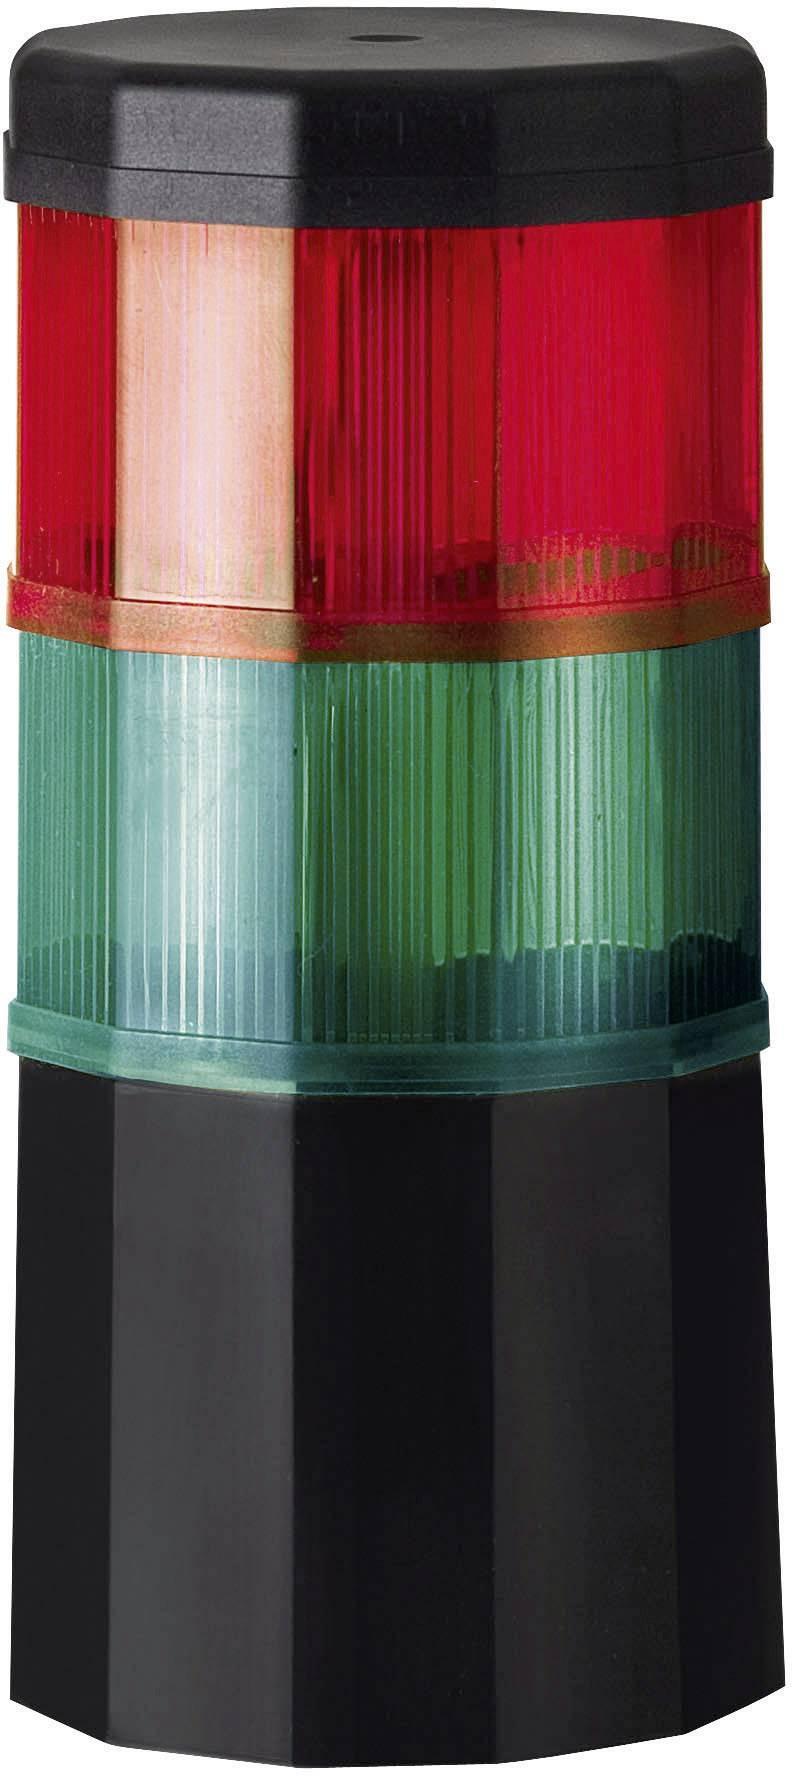 Signalizačný stĺpik Werma Signaltechnik CST 60 696.019.75, 24 V/AC, 24 V/DC, červená, zelená